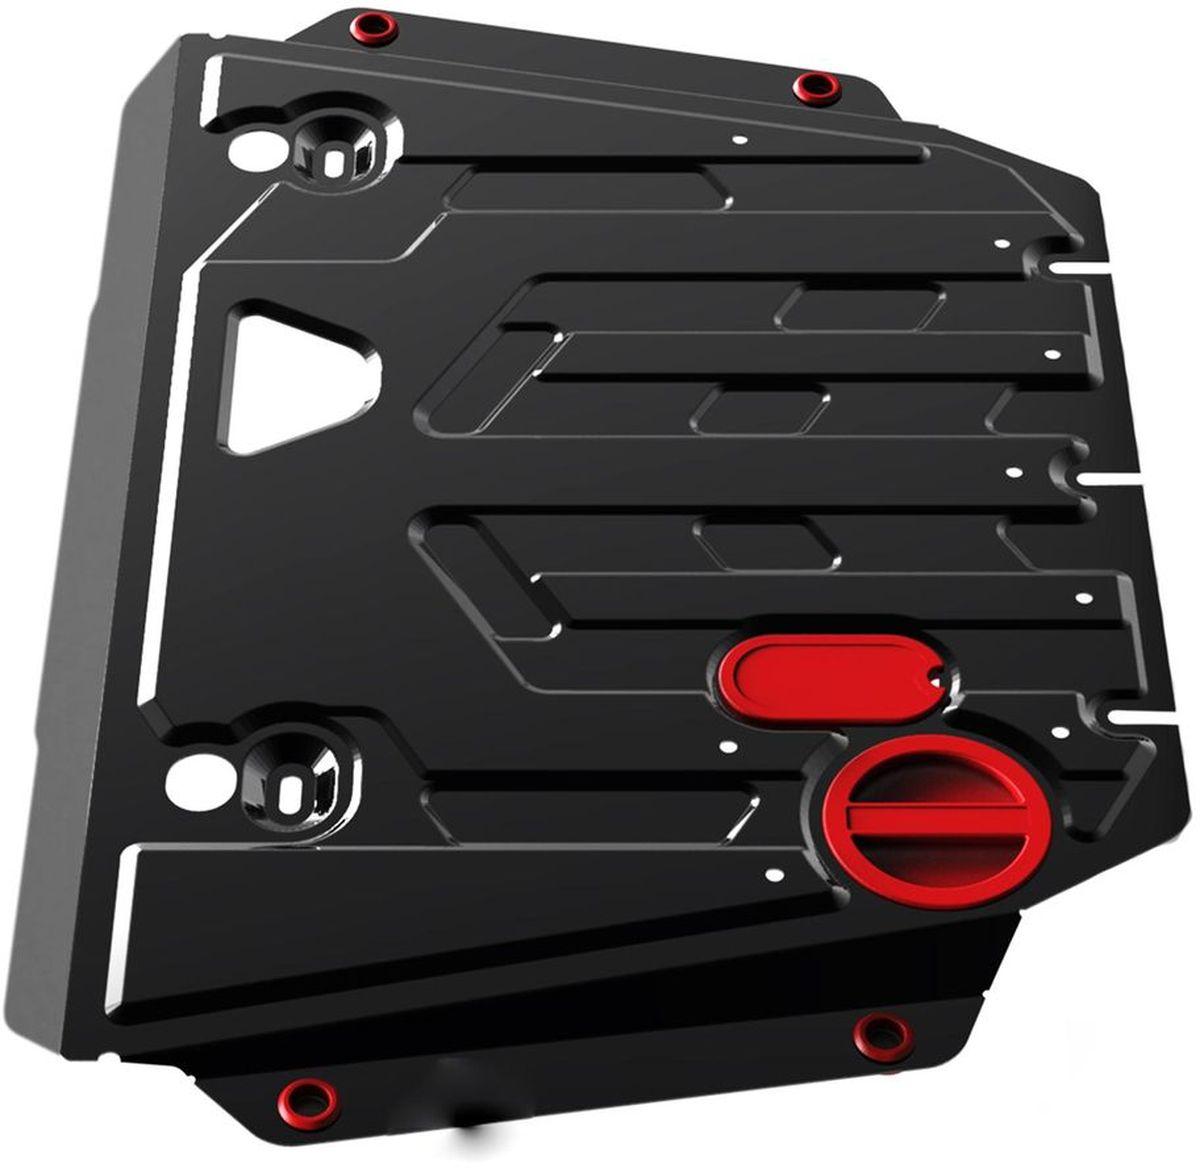 Защита картера и КПП Автоброня Lexus NX 200t 2014-, сталь 2 мм111.03207.1Защита картера и КПП Автоброня Lexus NX, 200t V-2,0 (238hp) 2014-, сталь 2 мм, комплект крепежа, 111.03207.1Стальные защиты Автоброня надежно защищают ваш автомобиль от повреждений при наезде на бордюры, выступающие канализационные люки, кромки поврежденного асфальта или при ремонте дорог, не говоря уже о загородных дорогах.- Имеют оптимальное соотношение цена-качество.- Спроектированы с учетом особенностей автомобиля, что делает установку удобной.- Защита устанавливается в штатные места кузова автомобиля.- Является надежной защитой для важных элементов на протяжении долгих лет.- Глубокий штамп дополнительно усиливает конструкцию защиты.- Подштамповка в местах крепления защищает крепеж от срезания.- Технологические отверстия там, где они необходимы для смены масла и слива воды, оборудованные заглушками, закрепленными на защите.Толщина стали 2 мм.В комплекте крепеж и инструкция по установке.Уважаемые клиенты!Обращаем ваше внимание на тот факт, что защита имеет форму, соответствующую модели данного автомобиля. Наличие глубокого штампа и лючков для смены фильтров/масла предусмотрено не на всех защитах. Фото служит для визуального восприятия товара.